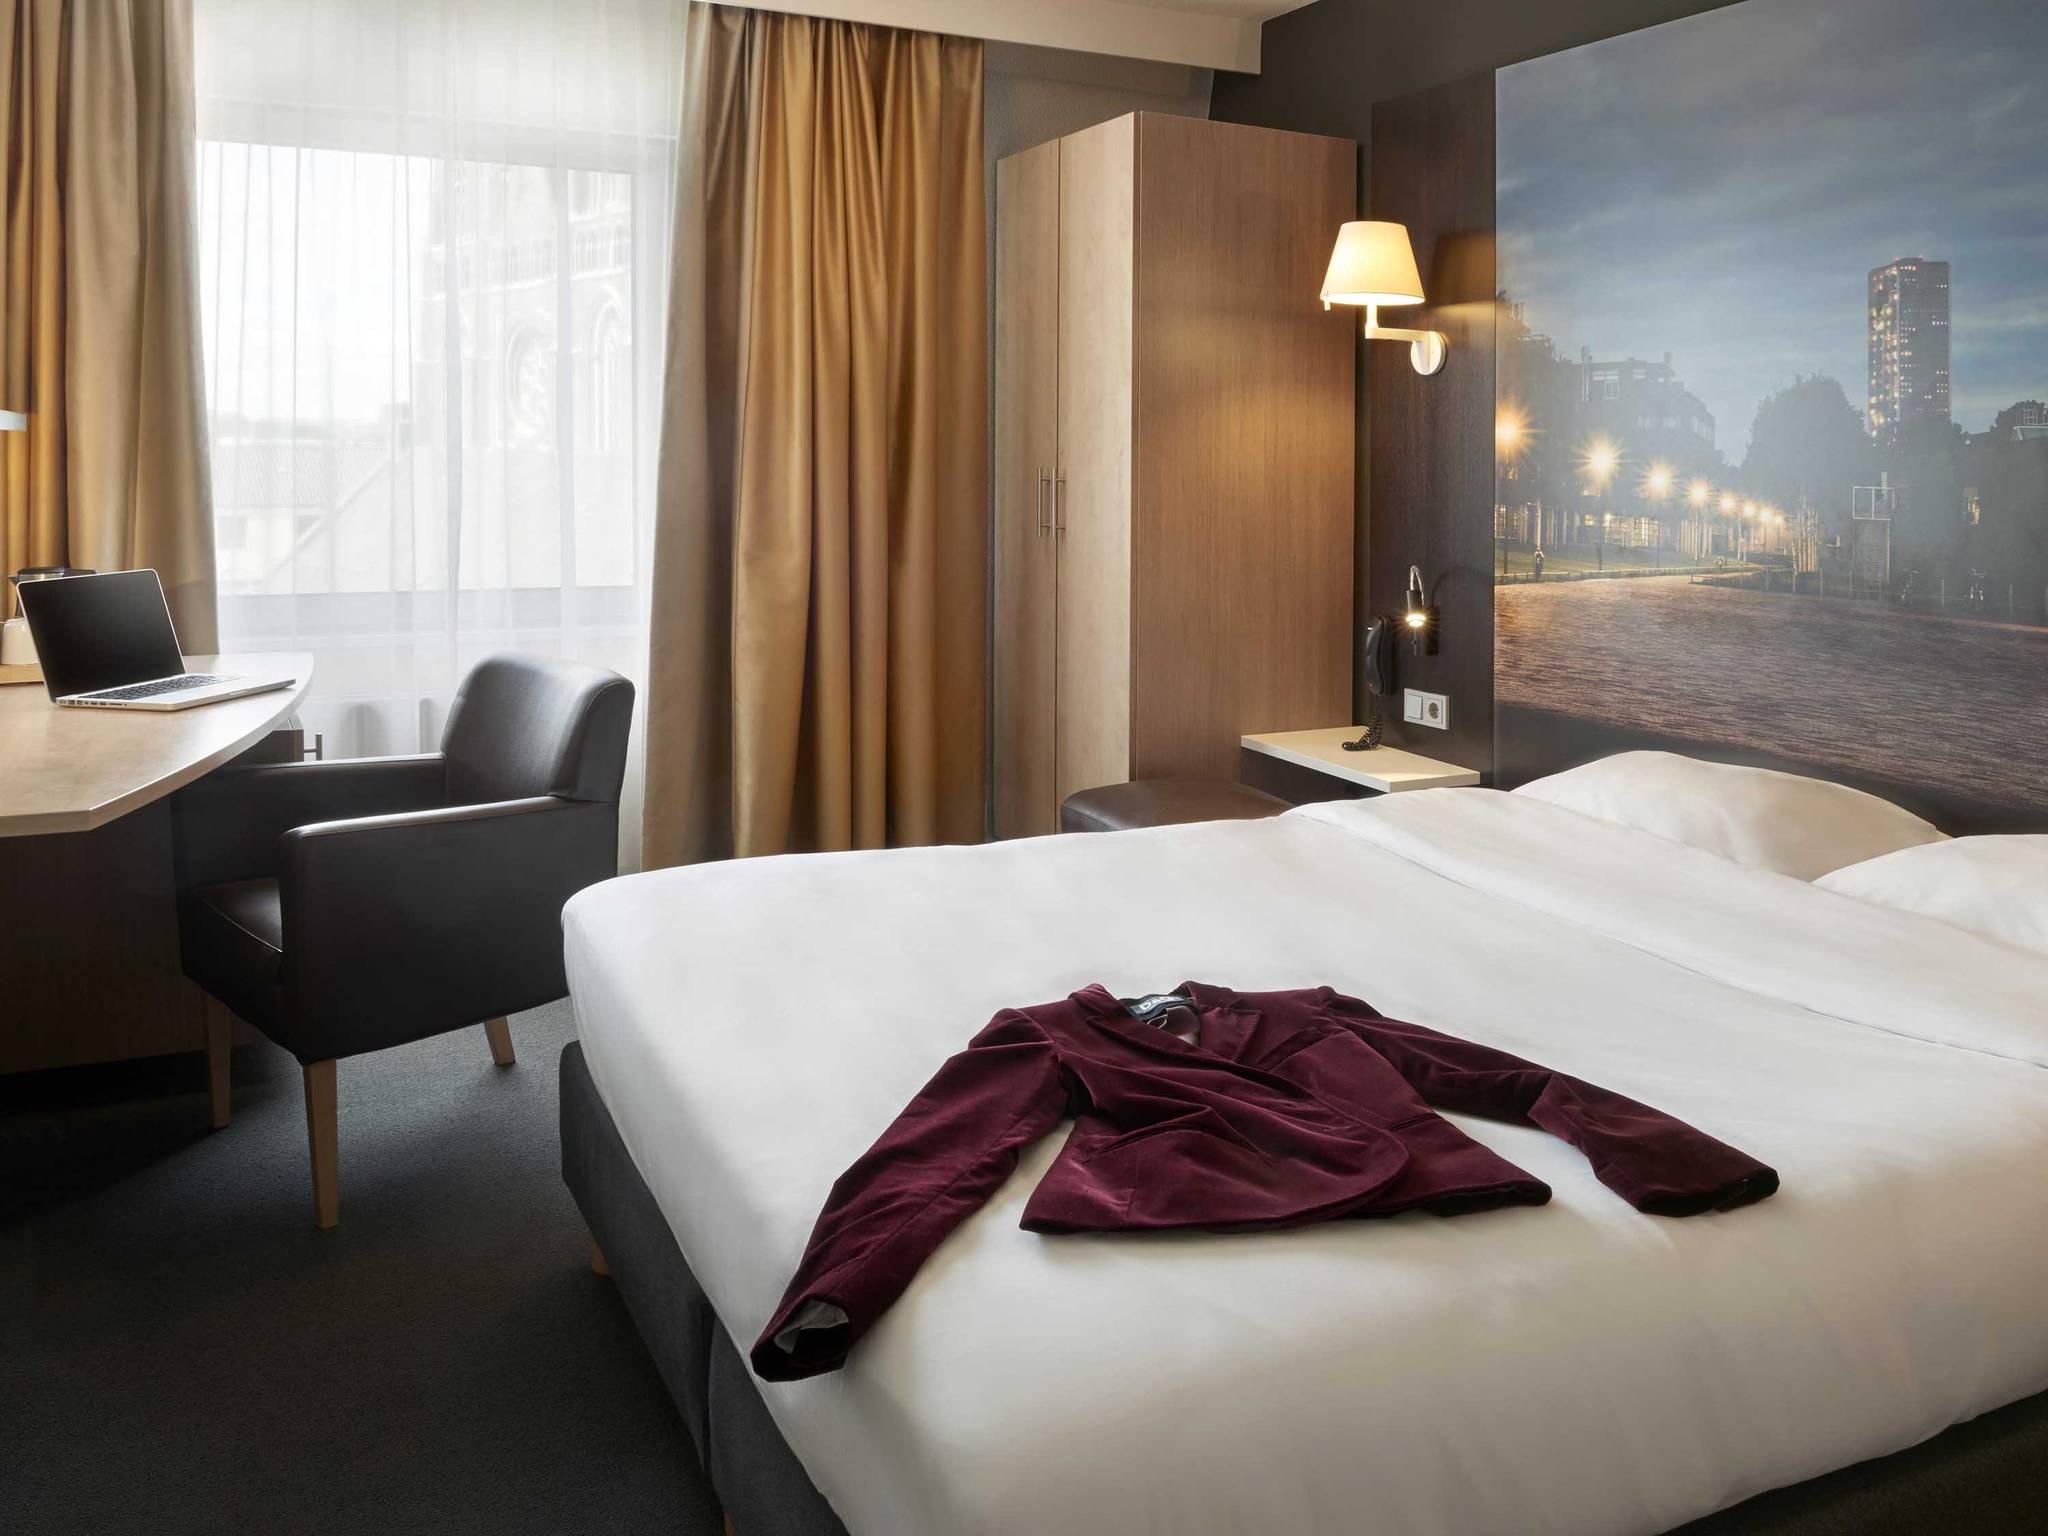 โรงแรม – Mercure Hotel Tilburg Centrum